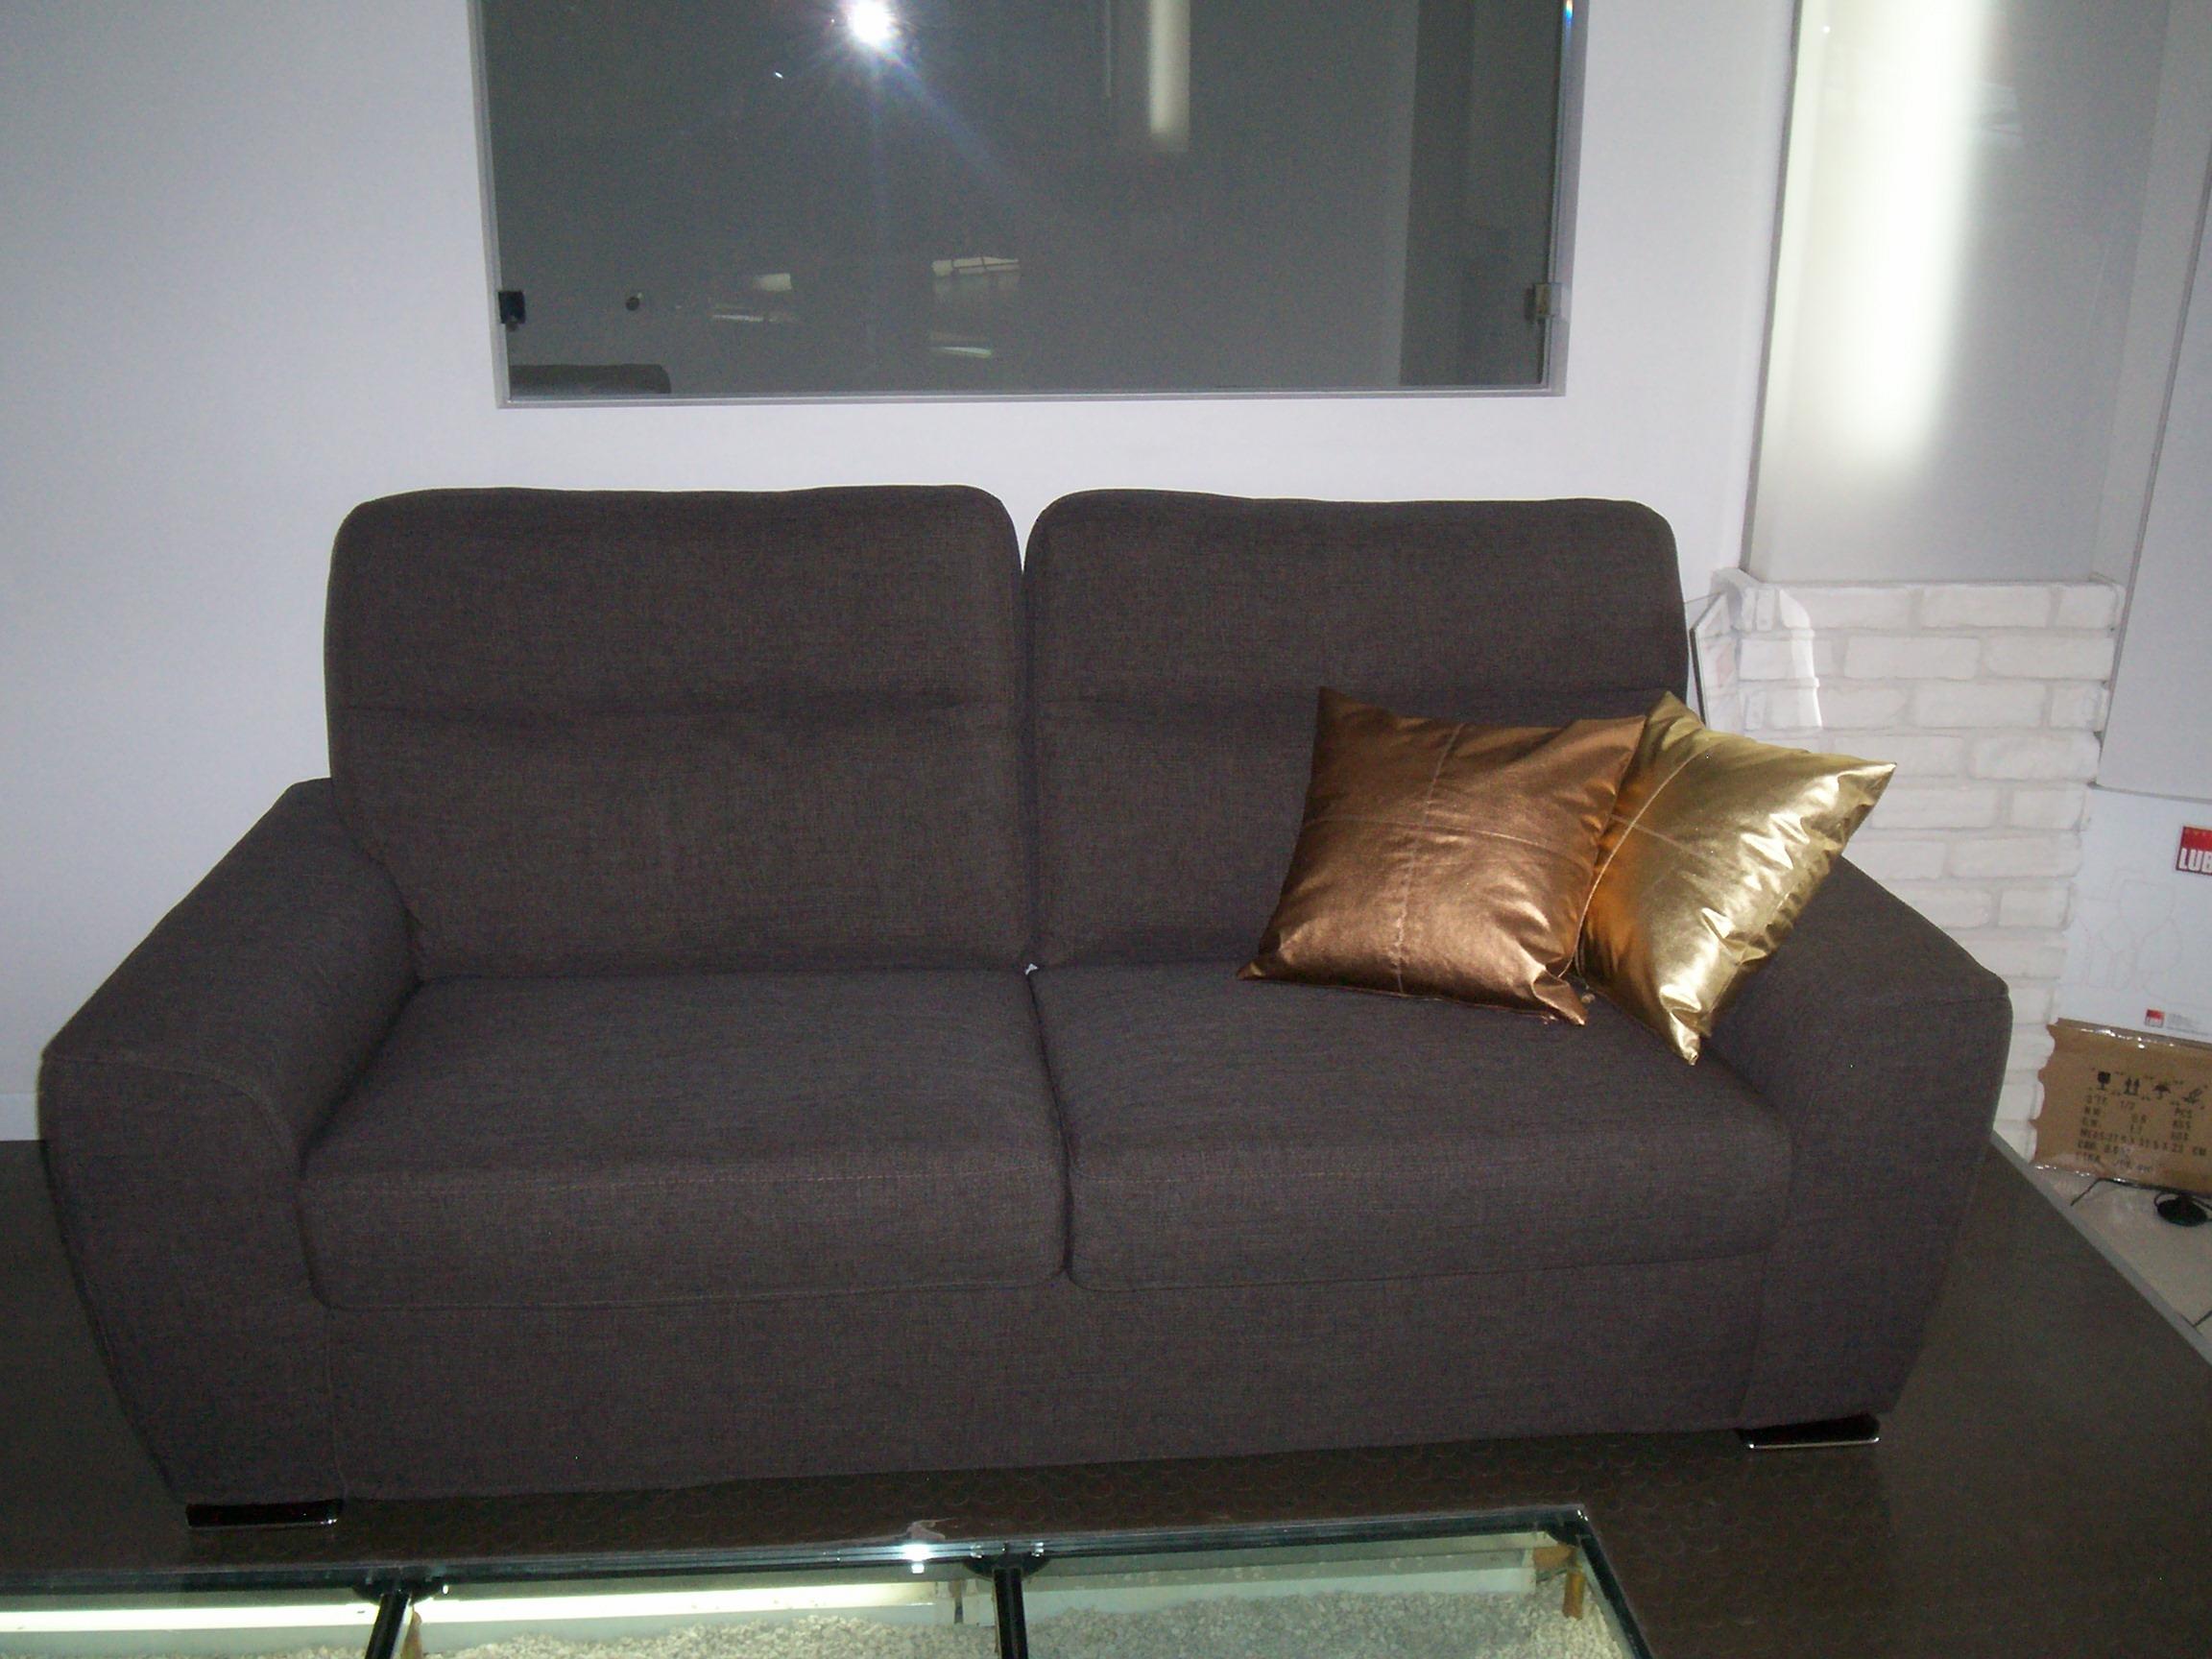 Divani pelle usati emilia romagna comodo divano in pelle - Divani in pelle usati ...